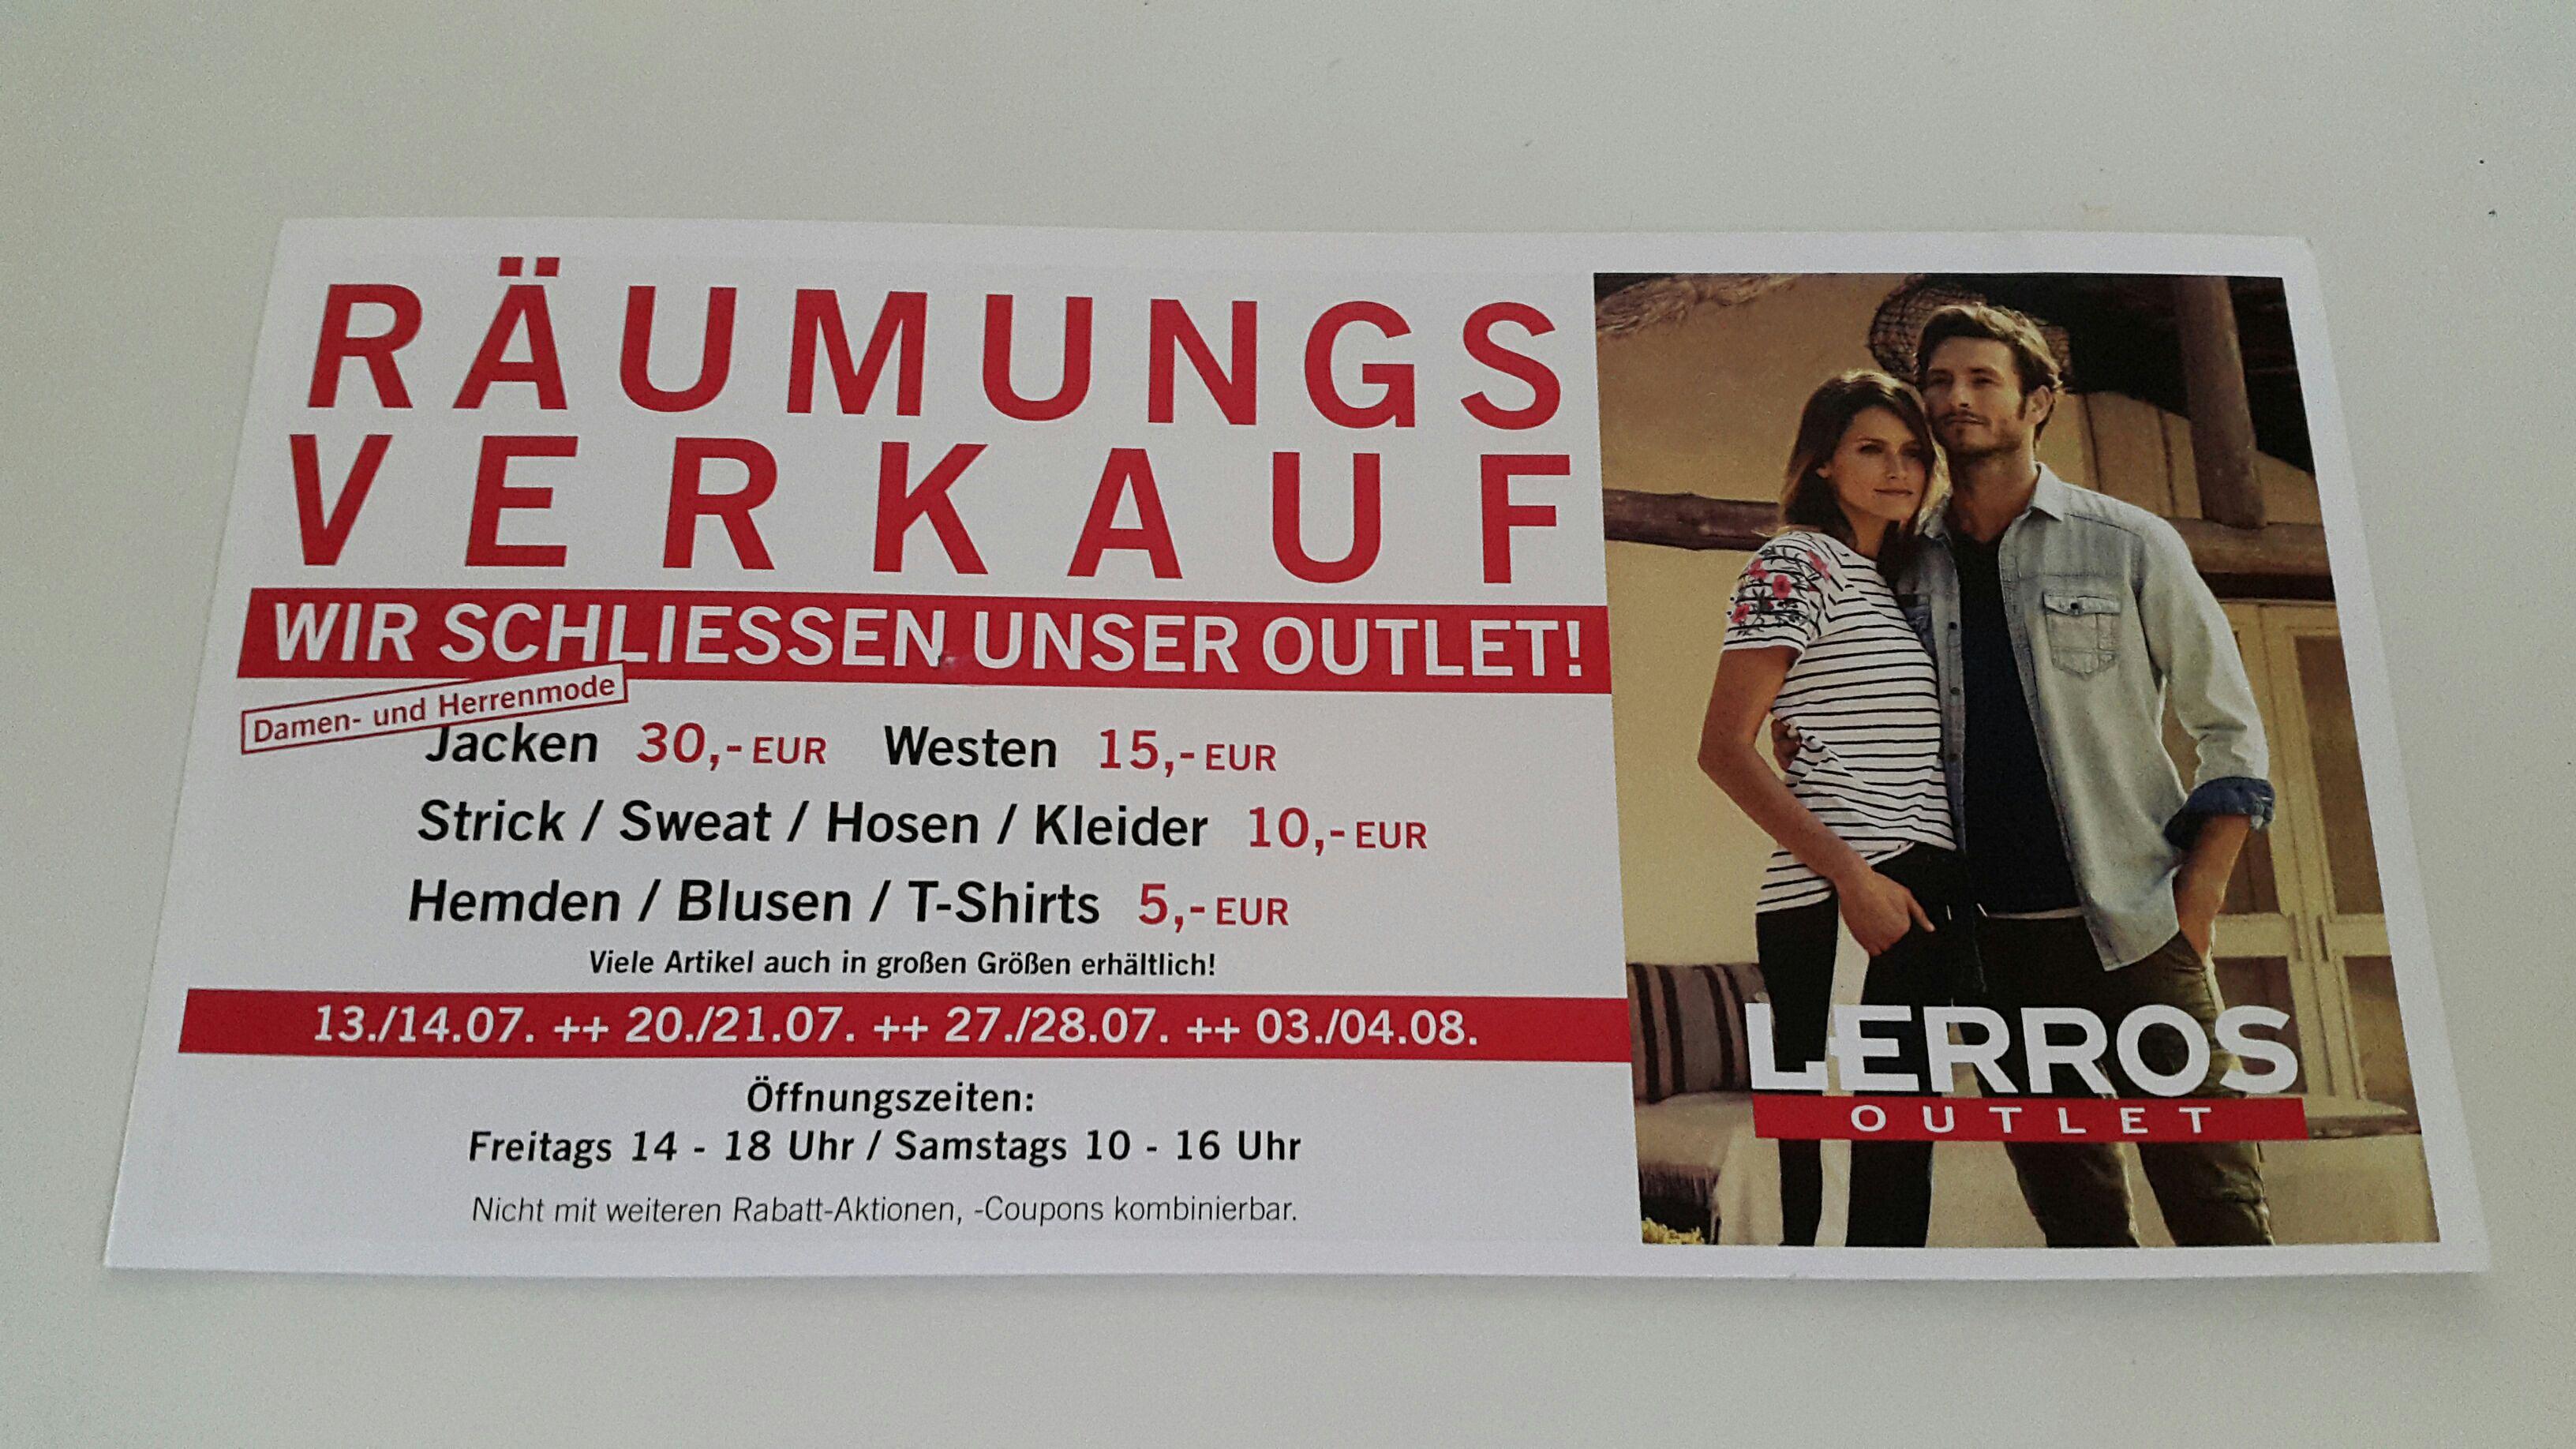 [Lokal] Lerros Outlet Neuss, Räumungsverkauf: bis zu 85 % Rabatt! alle Hosen/Kleider 10€, Hemden/Blusen 5€ uvm [Neuss, Düsseldorf, Köln, Duisburg, Mönchengladbach, Wuppertal und Umgebung]